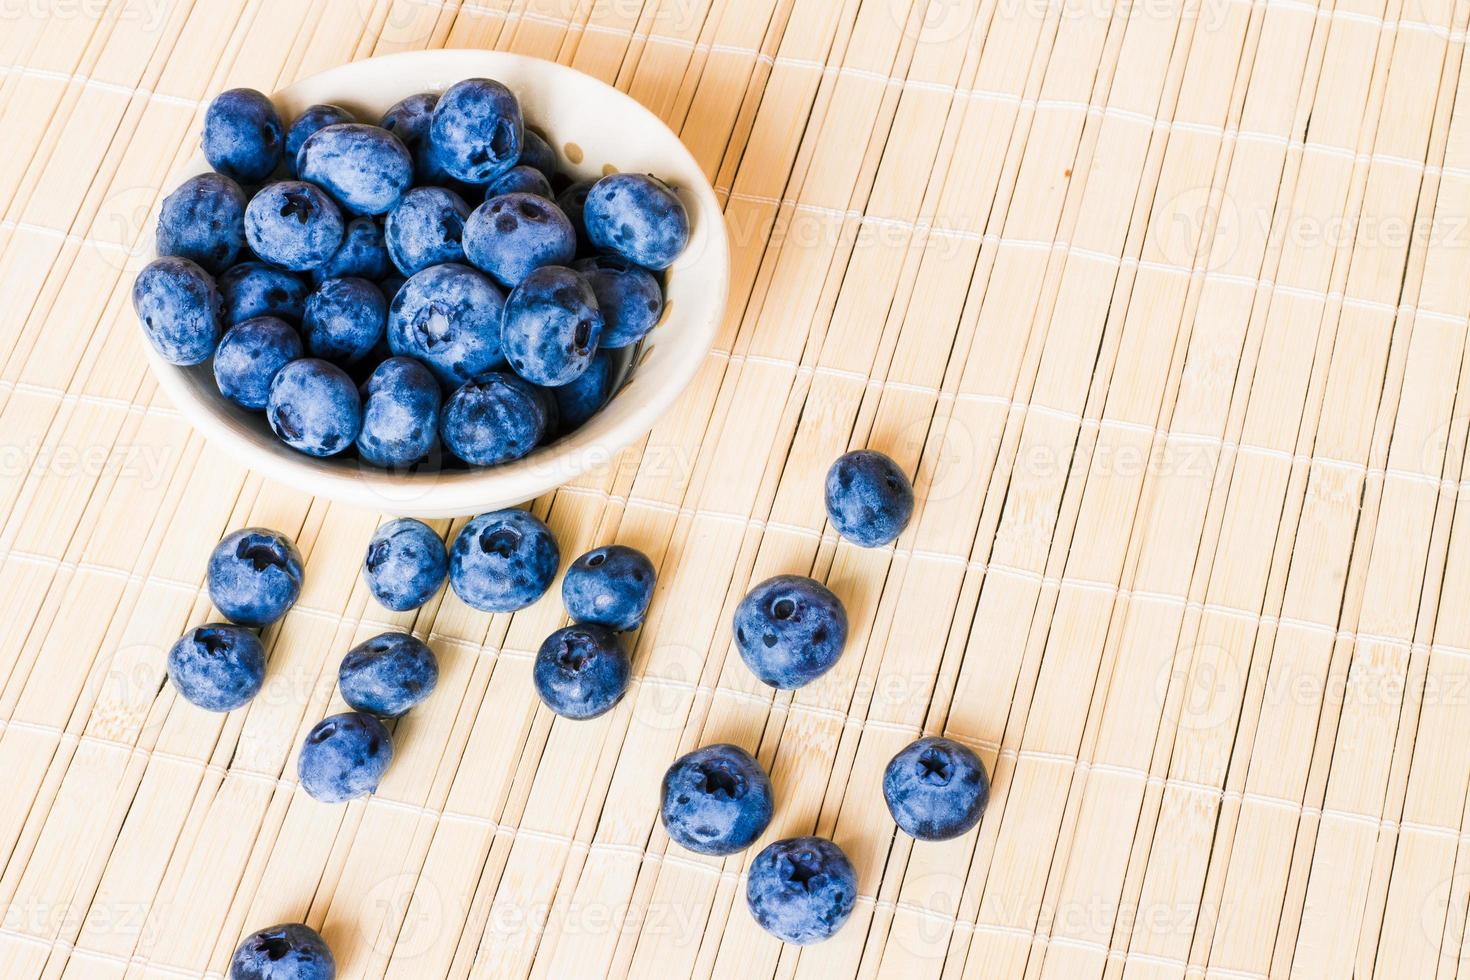 vers zoet bosbessenfruit. foto